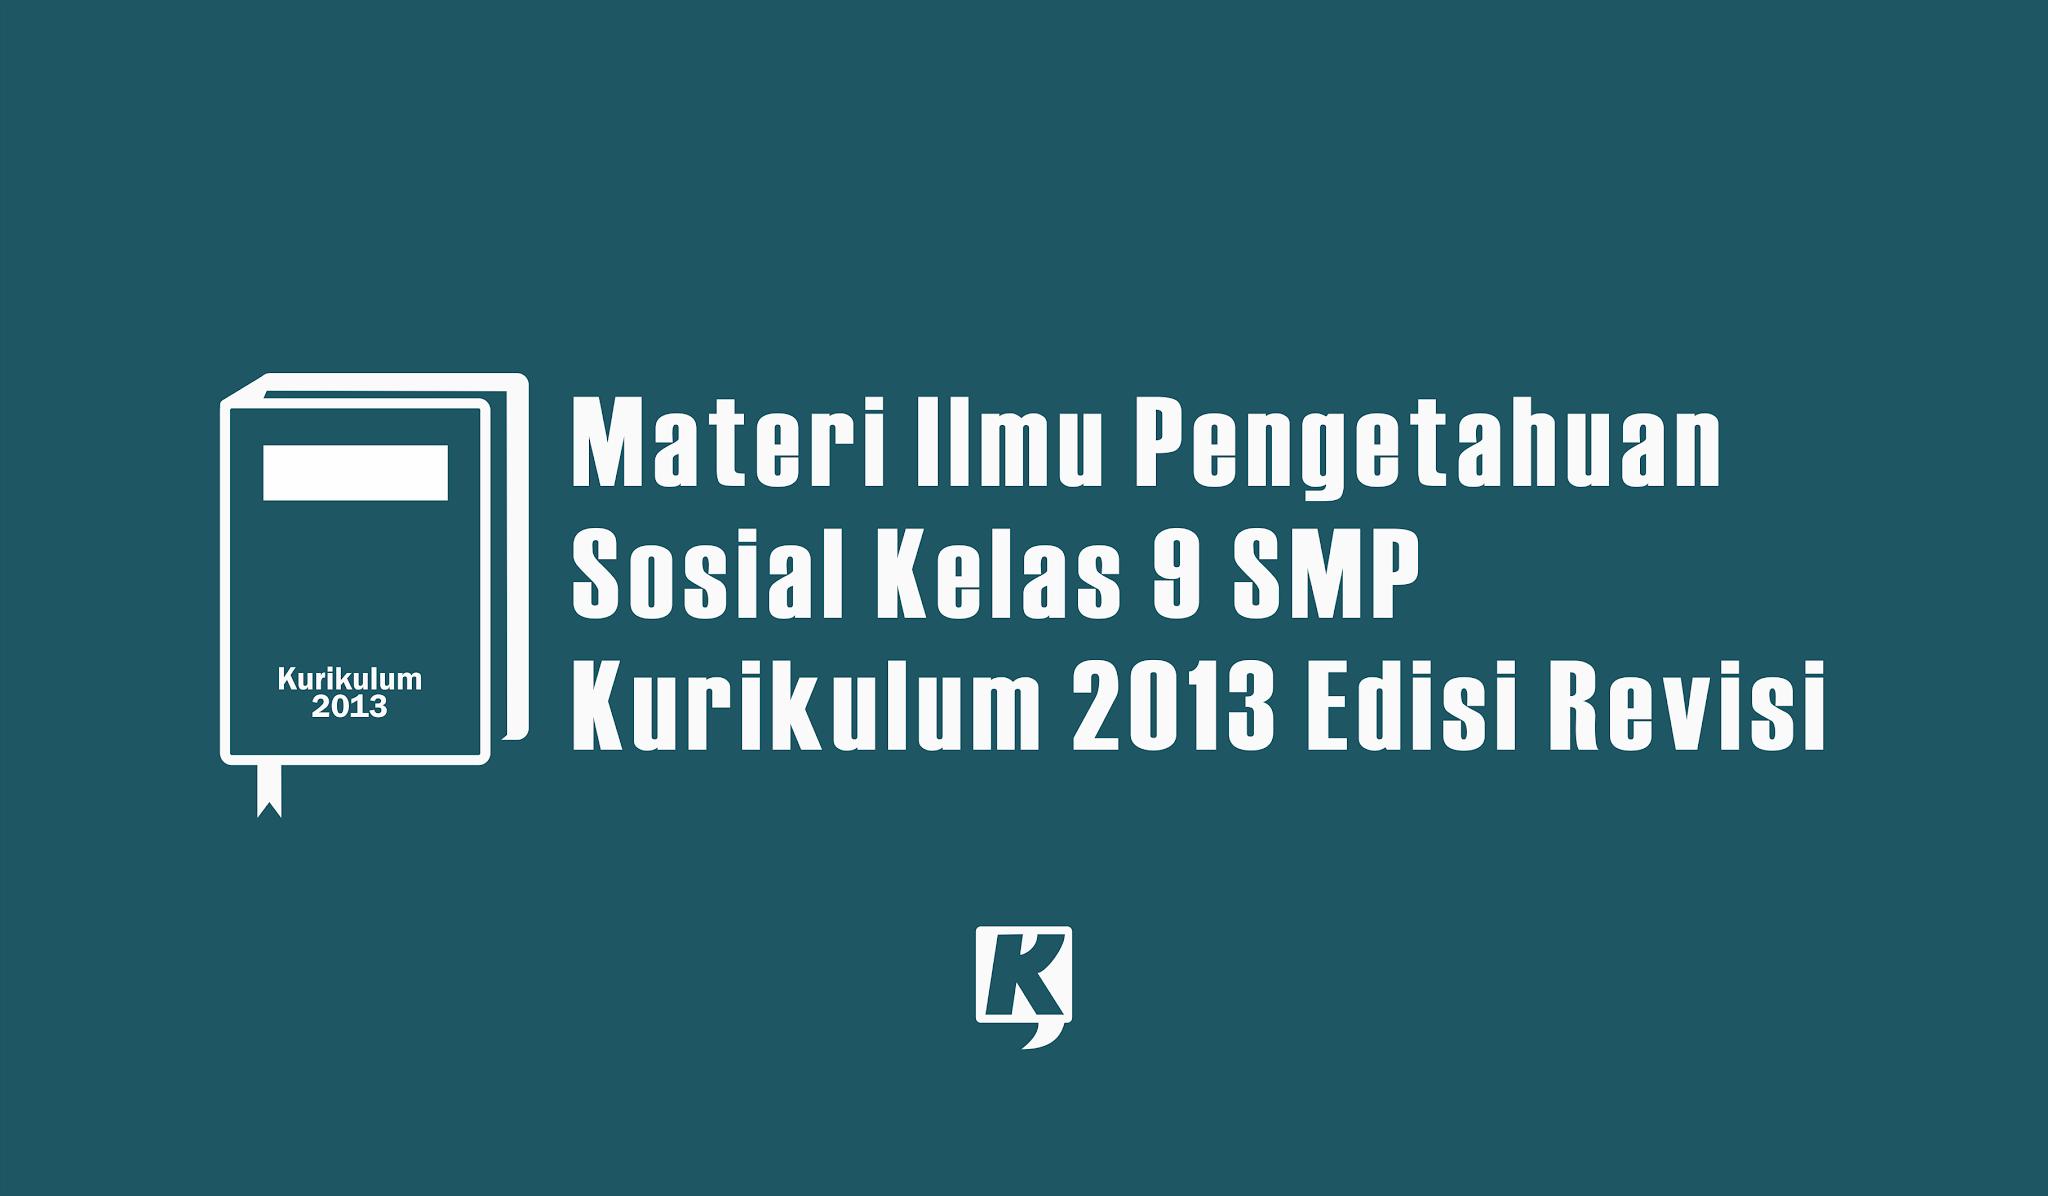 Materi IPS Kelas 9 SMP MTS Kurikulum 2013 Semester Ganjil dan Genap